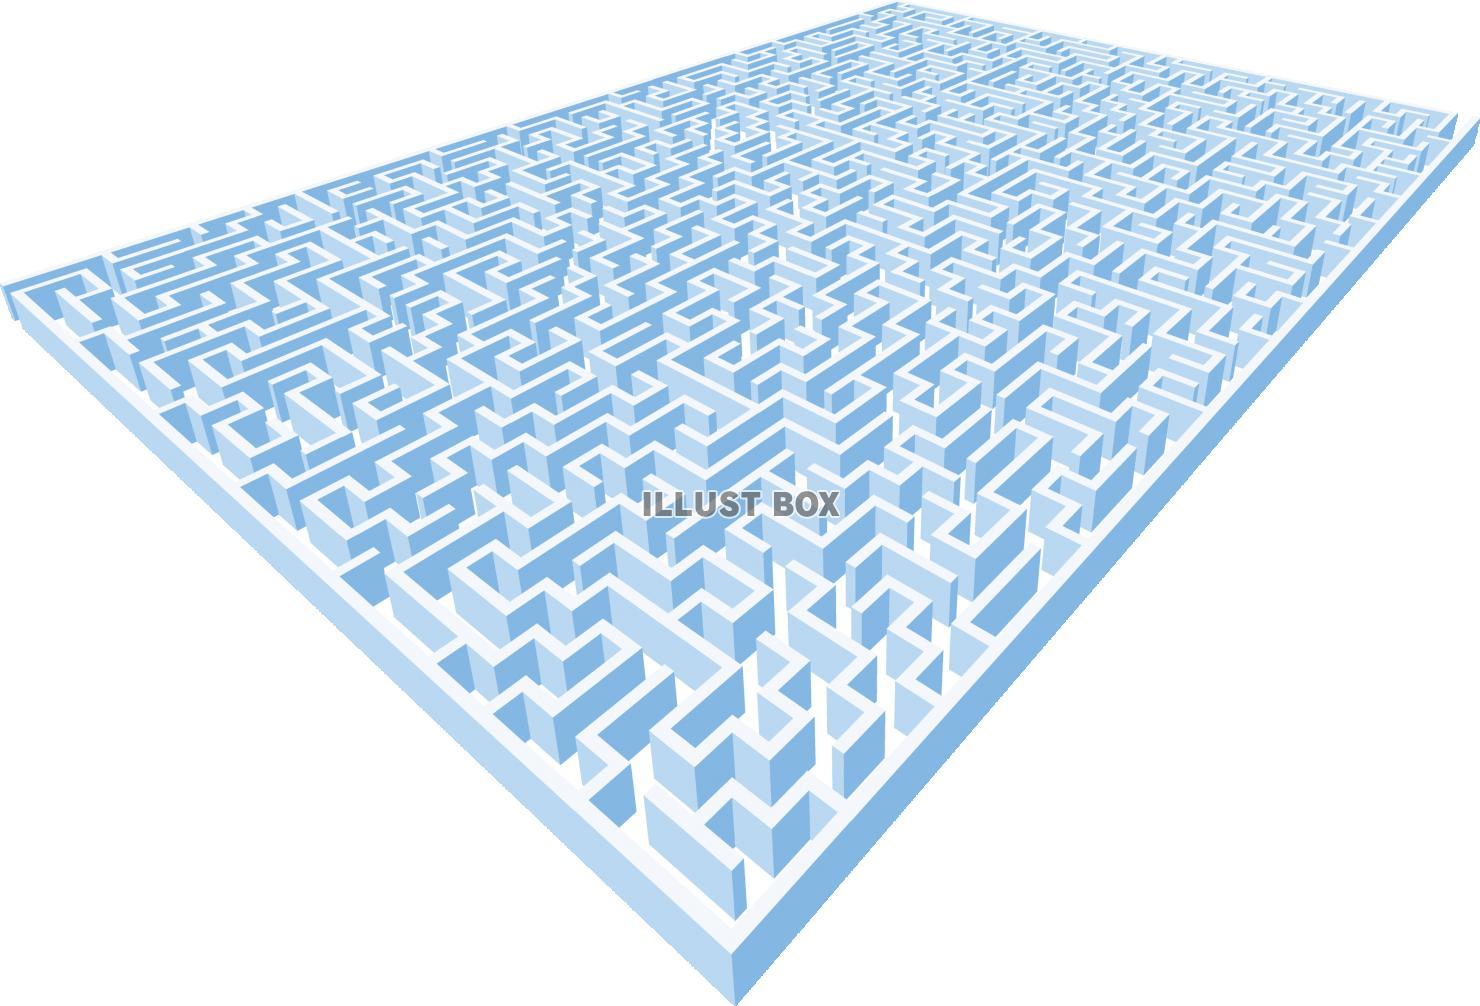 無料イラスト 立体的な迷路 ゲーム パズル